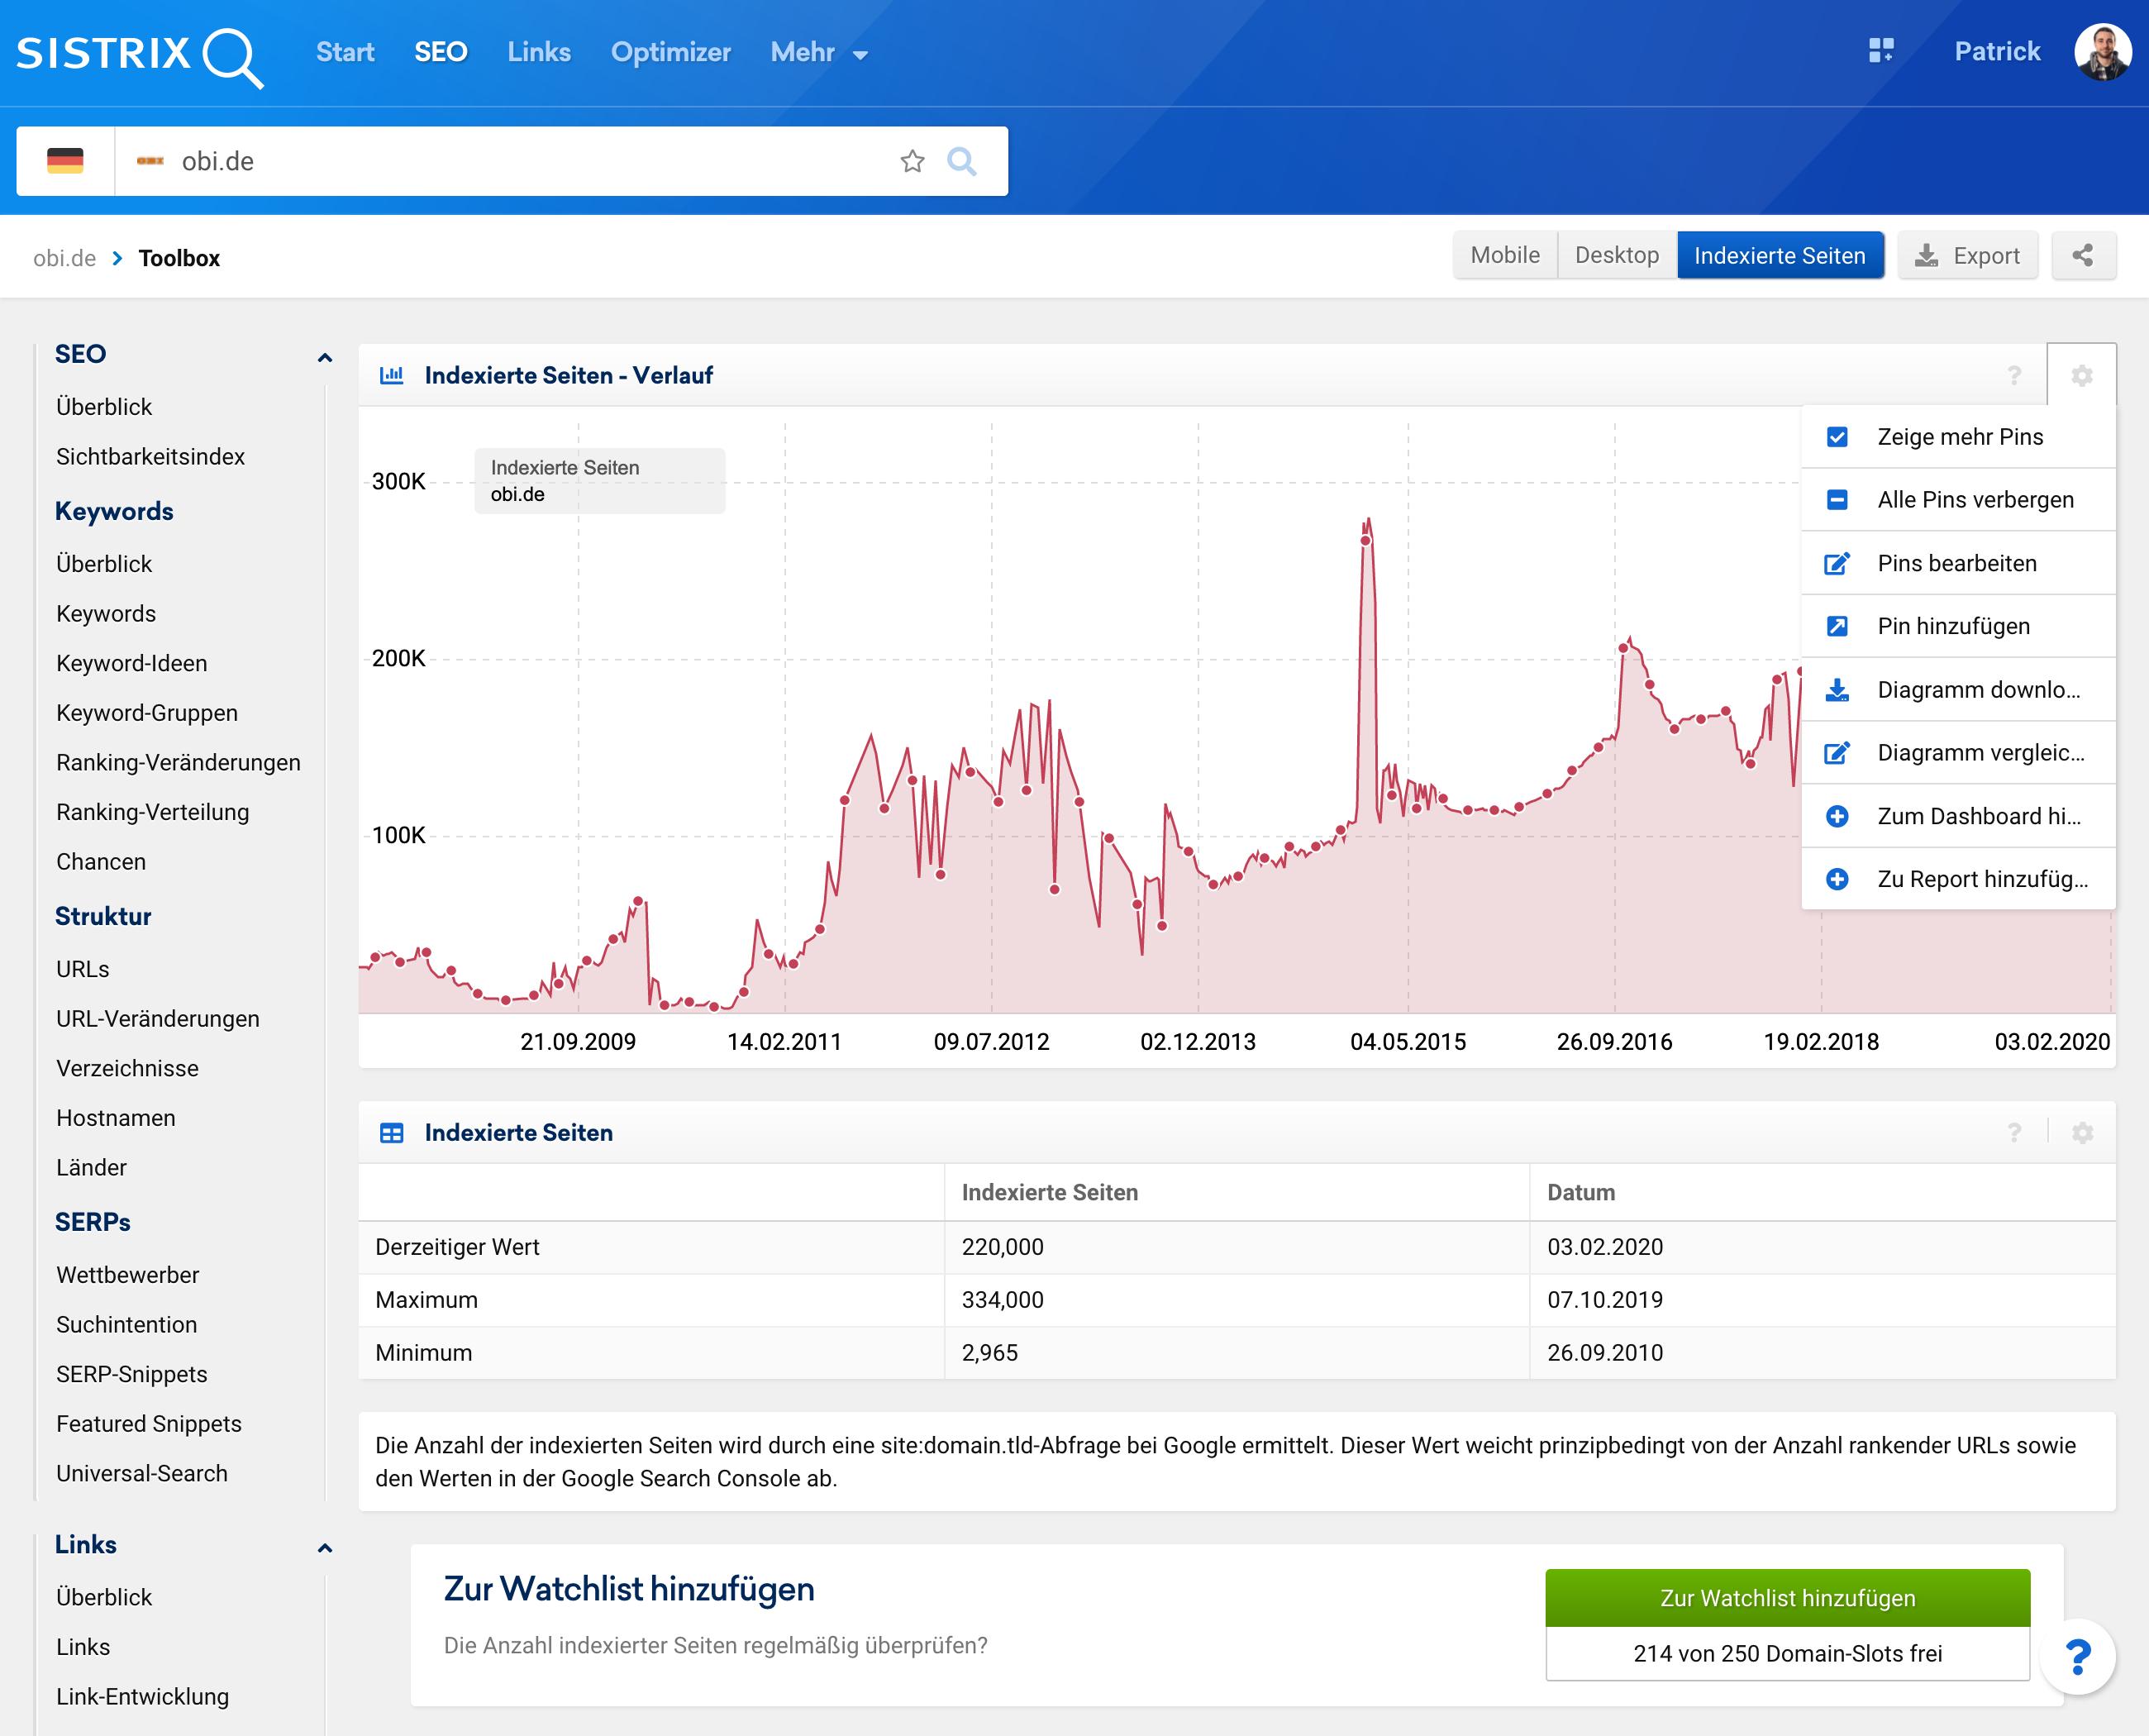 Ansicht der Seite zu den Indexierten Seiten in der SISTRIX Toolbox. Es wird das Menü im Verlauf der indexierten Seiten gezeigt.